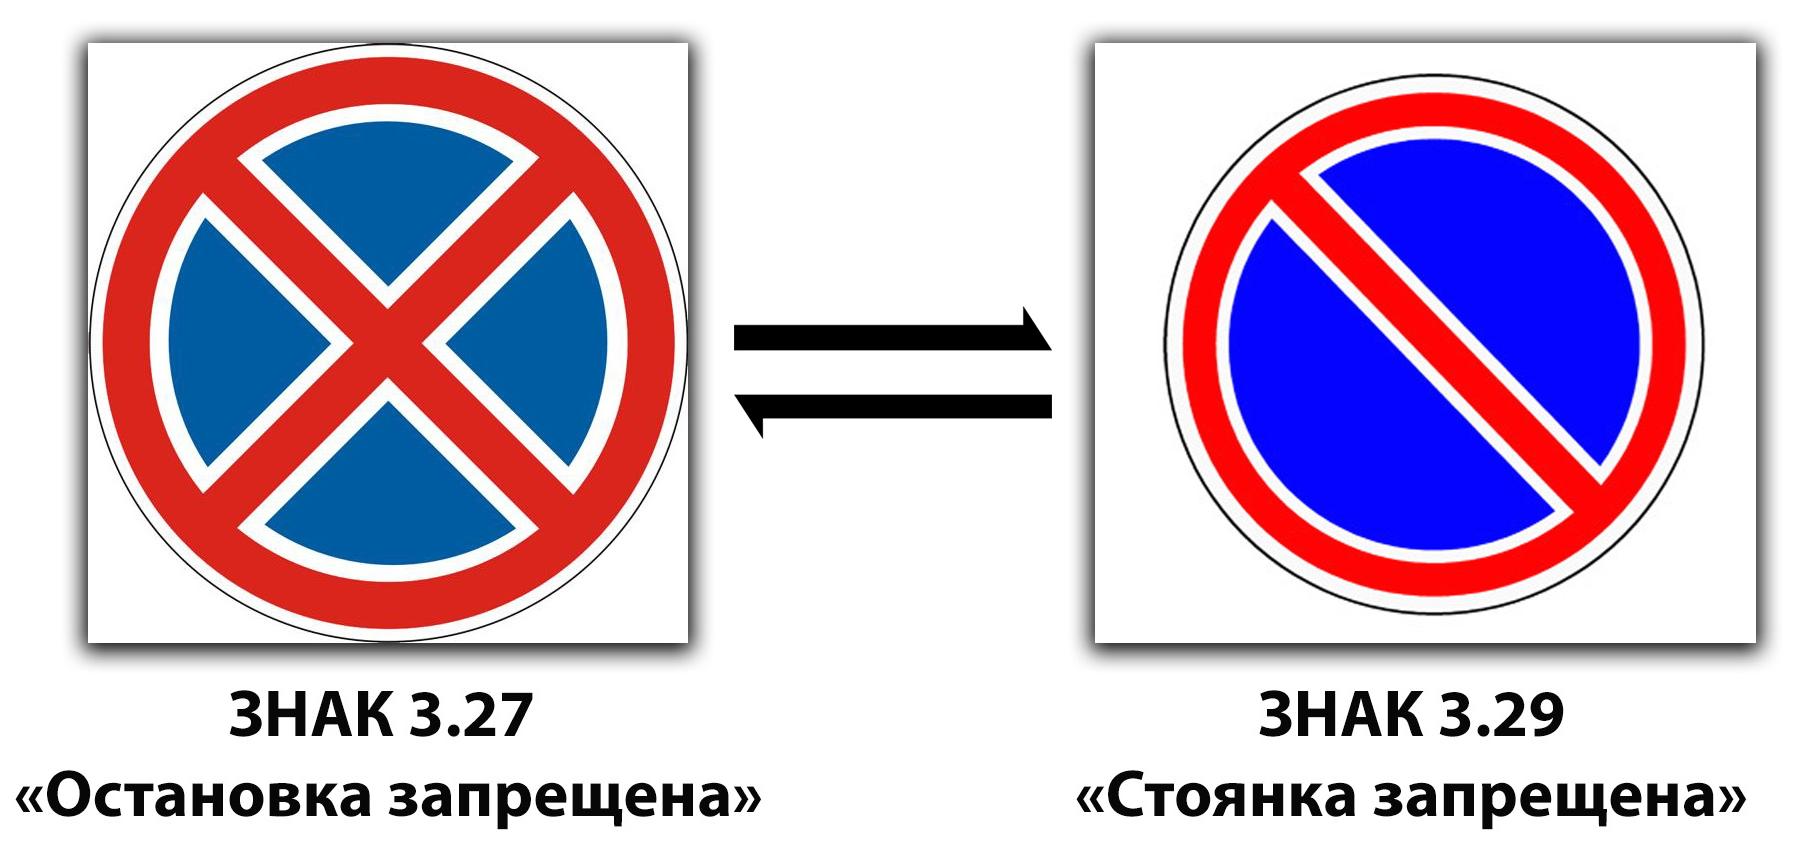 Знаки «Остановка запрещена» и «Стоянка запрещена»